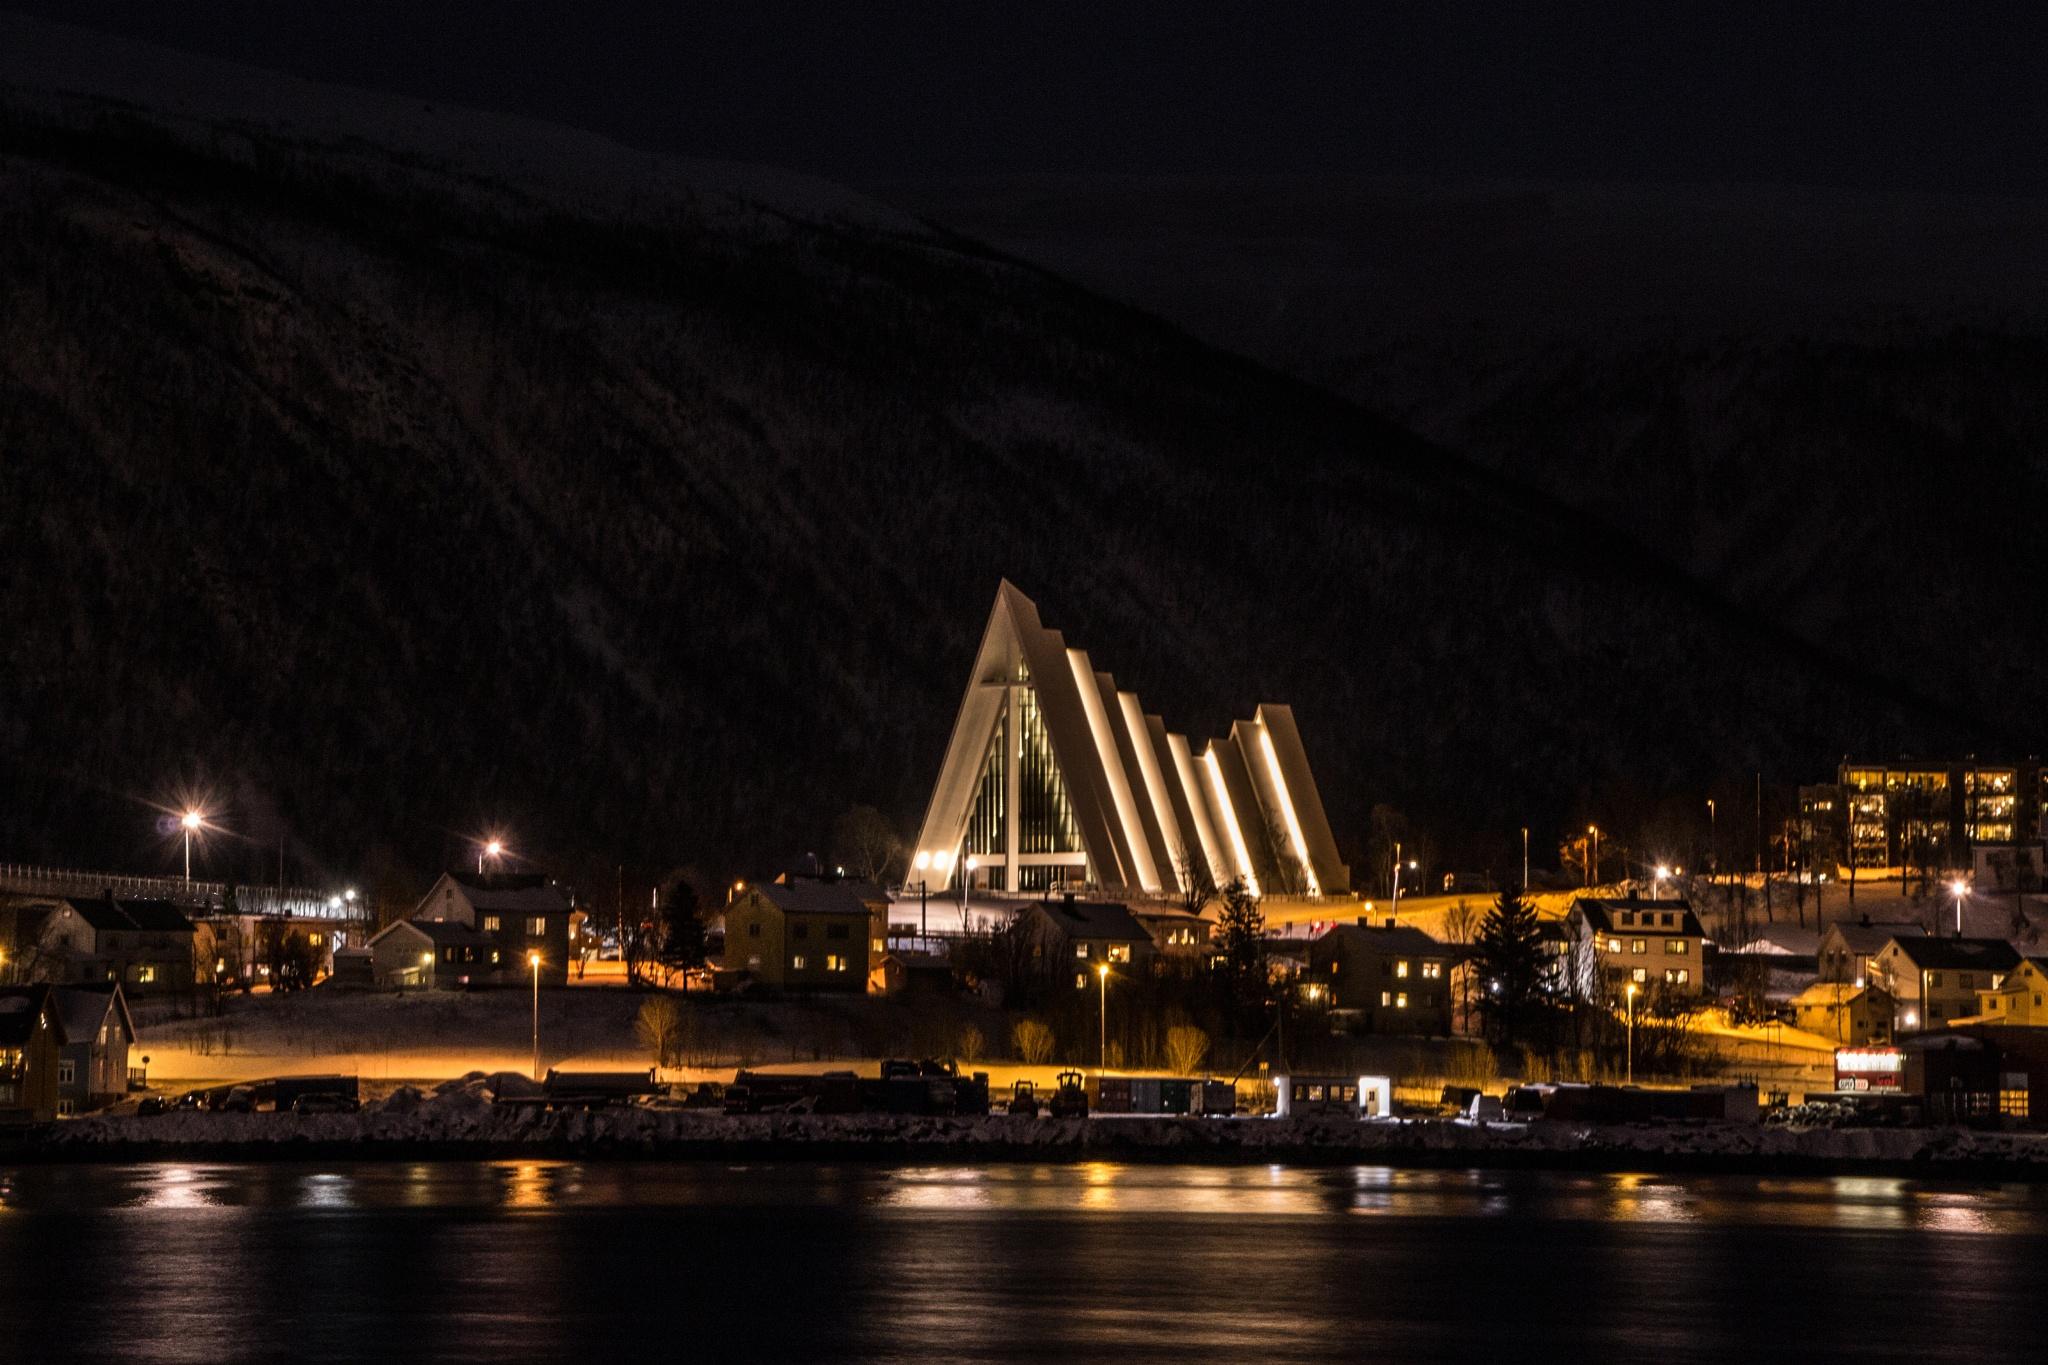 Ishavskatedralen by SveinBorre